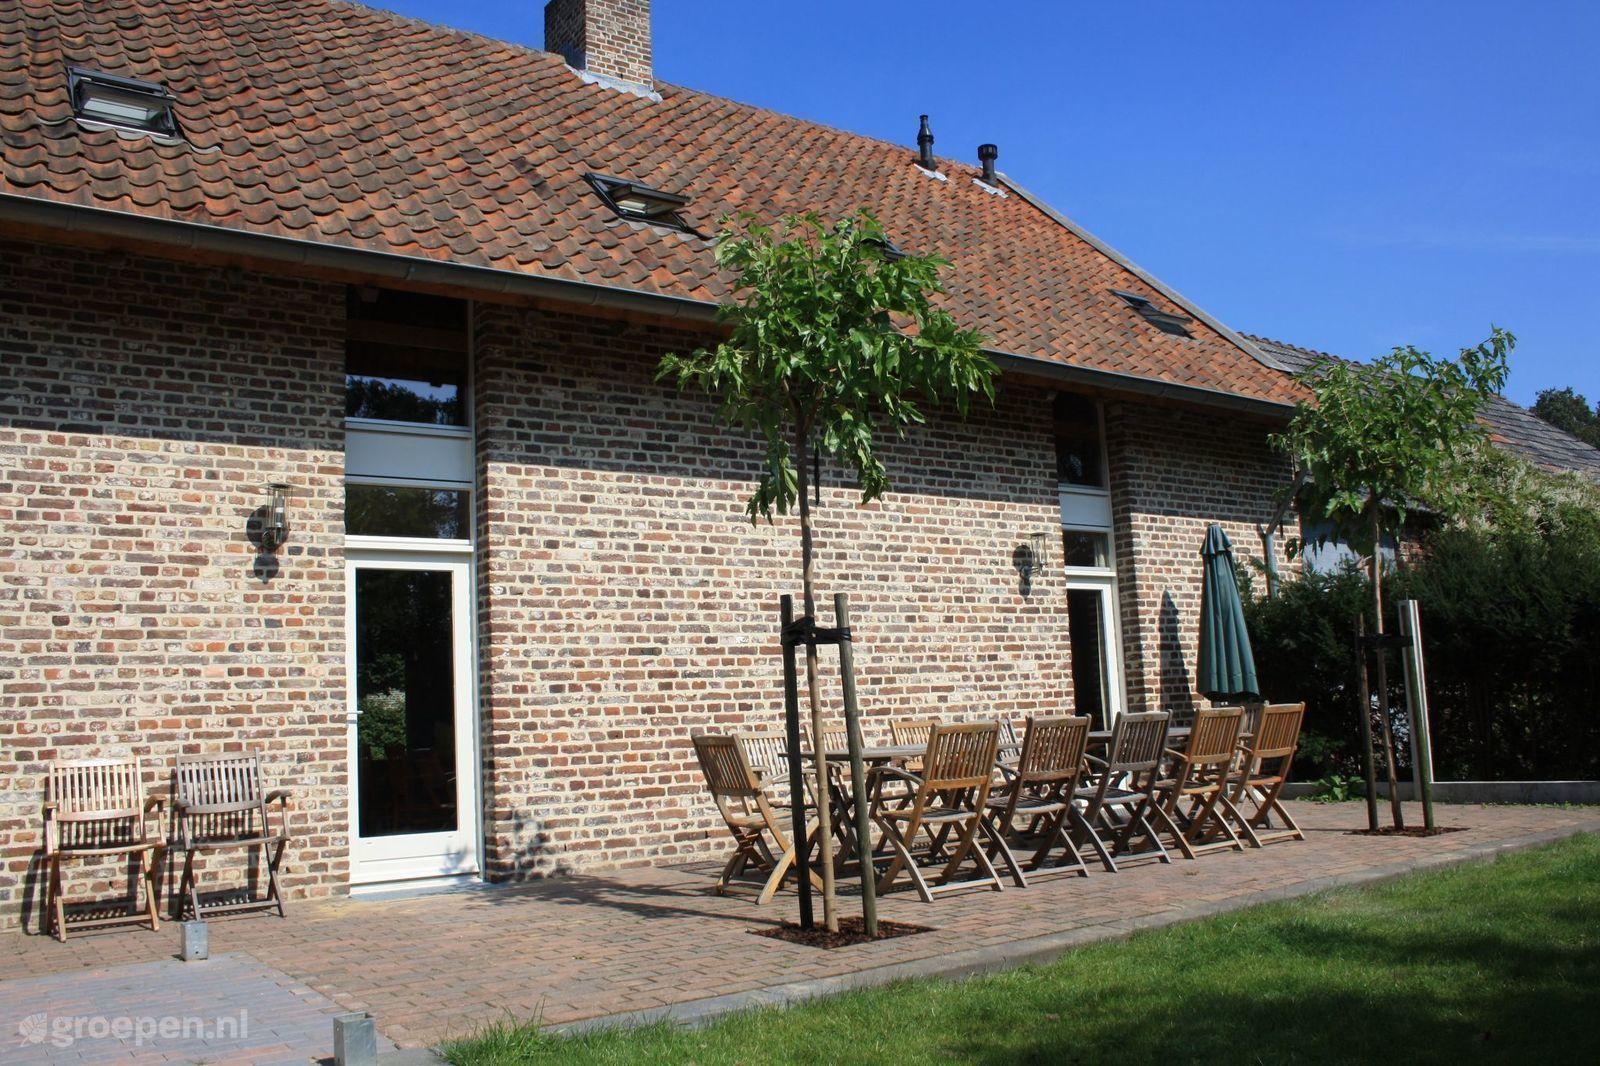 Group accommodation Maasbree